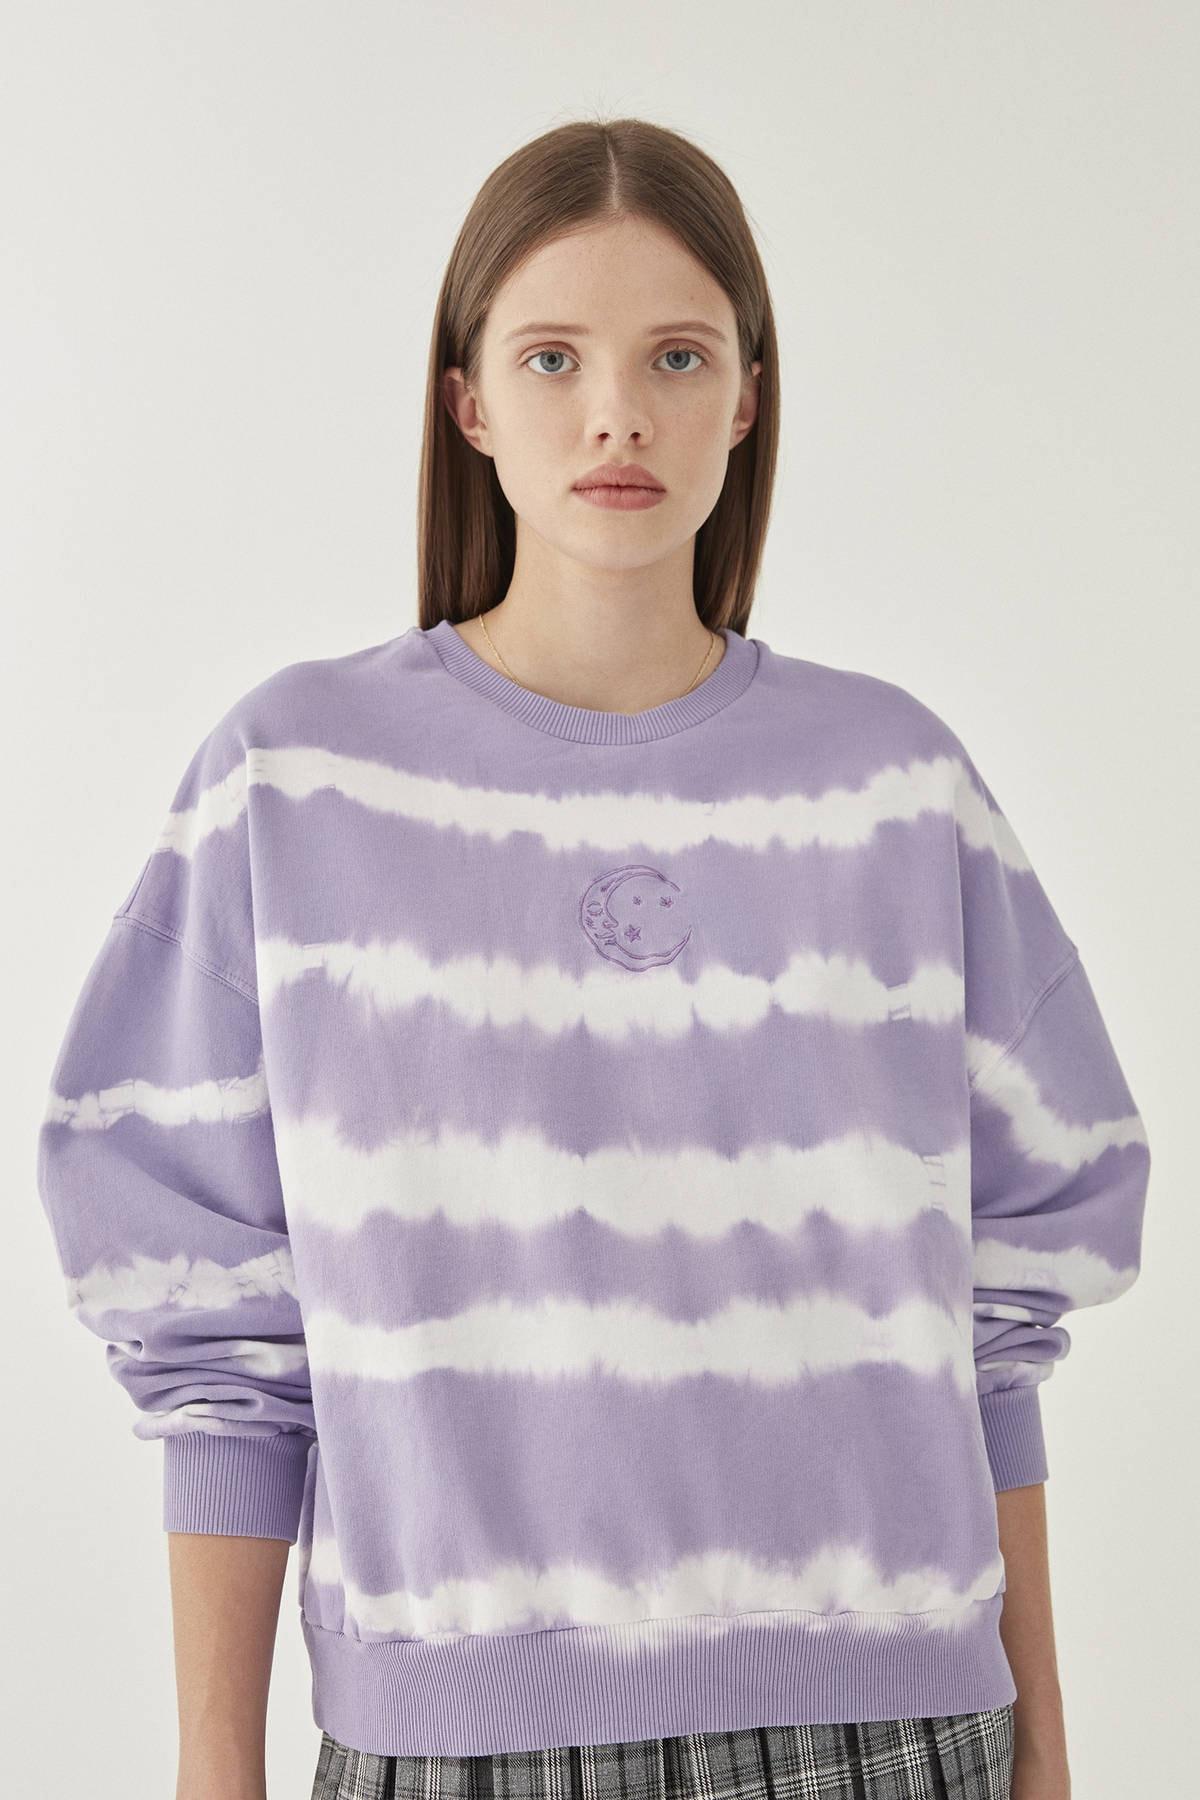 Pull & Bear Kadın Lila Ay İşlemeli Mor Batik Sweatshirt 09594314 1